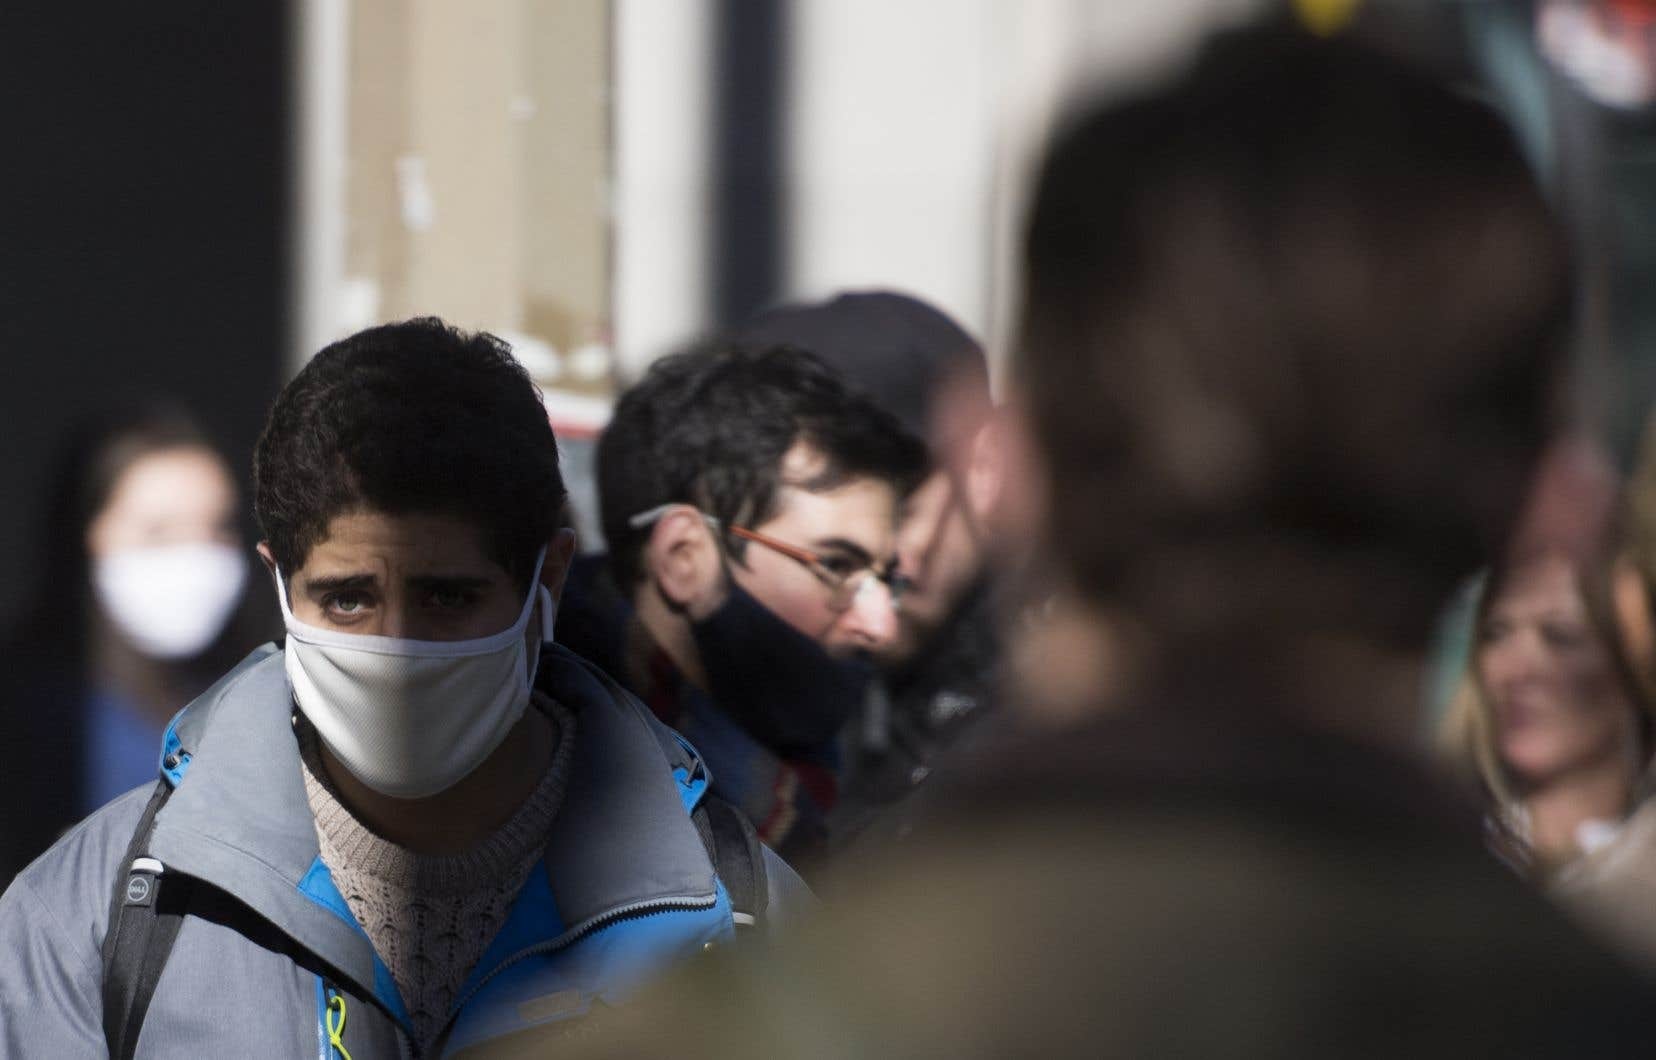 La nouvelle recommandation du port d'un couvre-visage doté de trois couches de tissu par la Santé publique du Canada a surpris une grande partie de la population qui se croyait à l'abri derrière des masques achetés dans diverses boutiques non spécialisées.